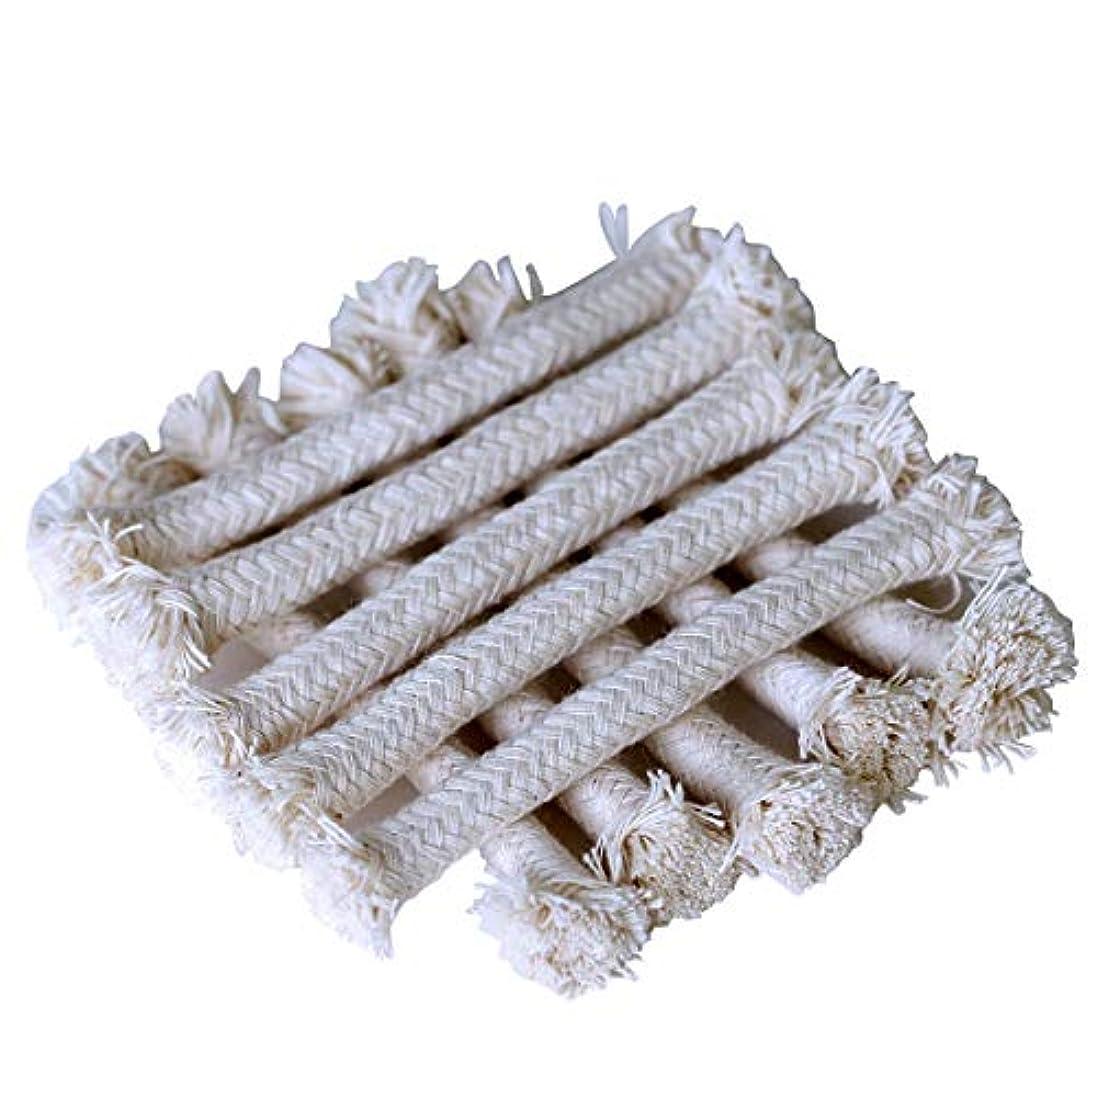 煙突ファイル剥離Yardwe バーナー アルコールランプウィックサイフォンコーヒーメーカー 18PCS(白)